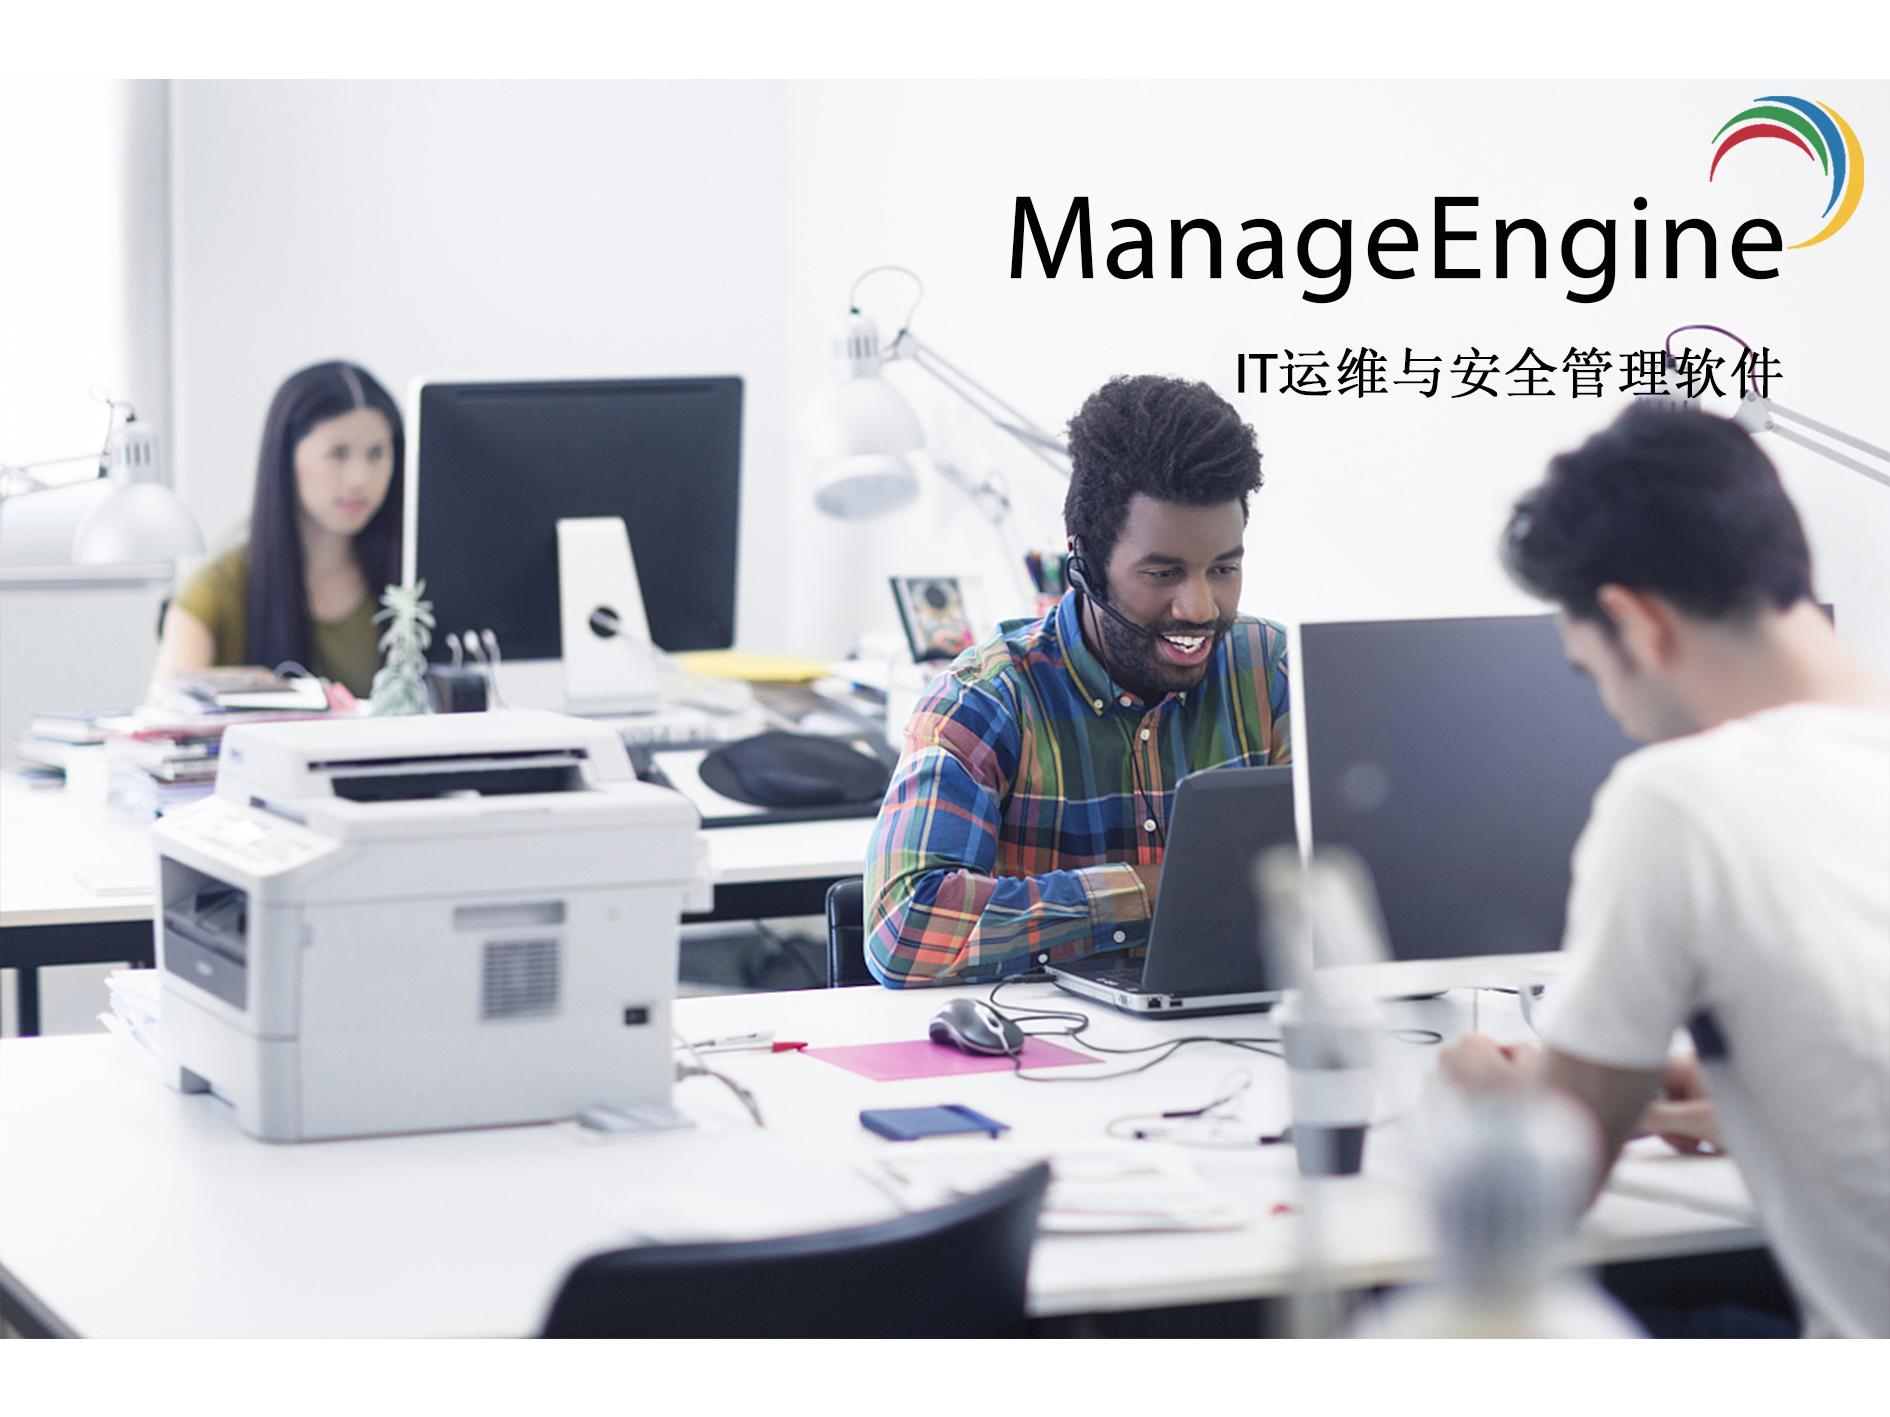 IT运维整体解决方案- ManageEngine IT服务管理